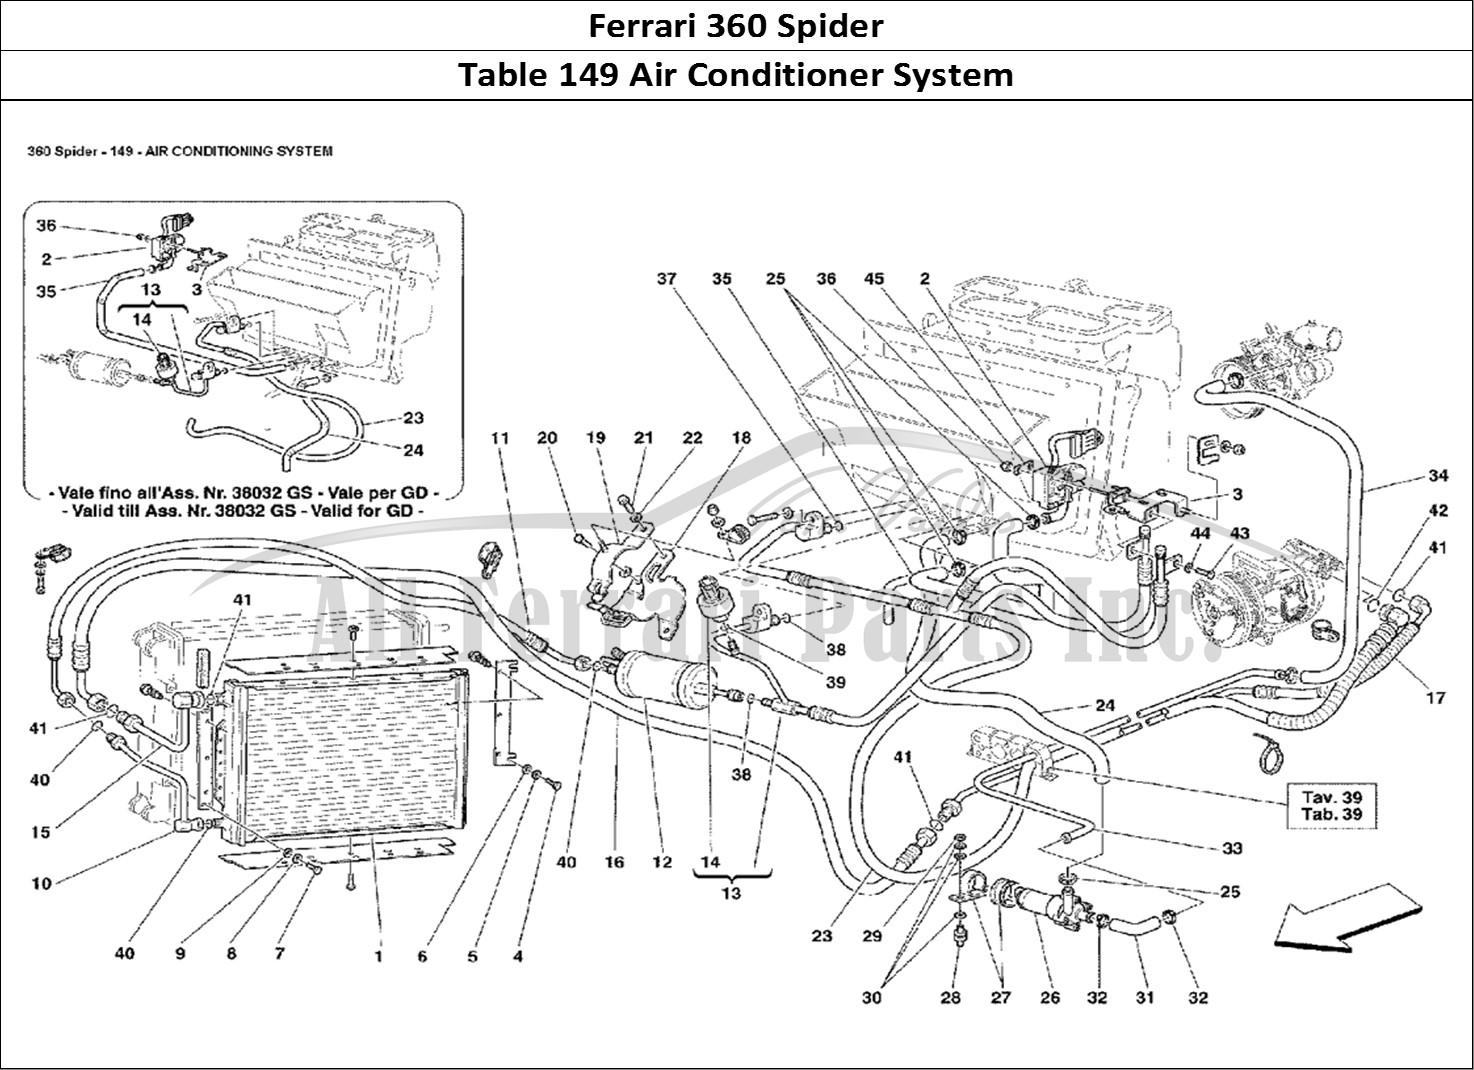 Buy Original Ferrari 360 Spider 149 Air Conditioner System